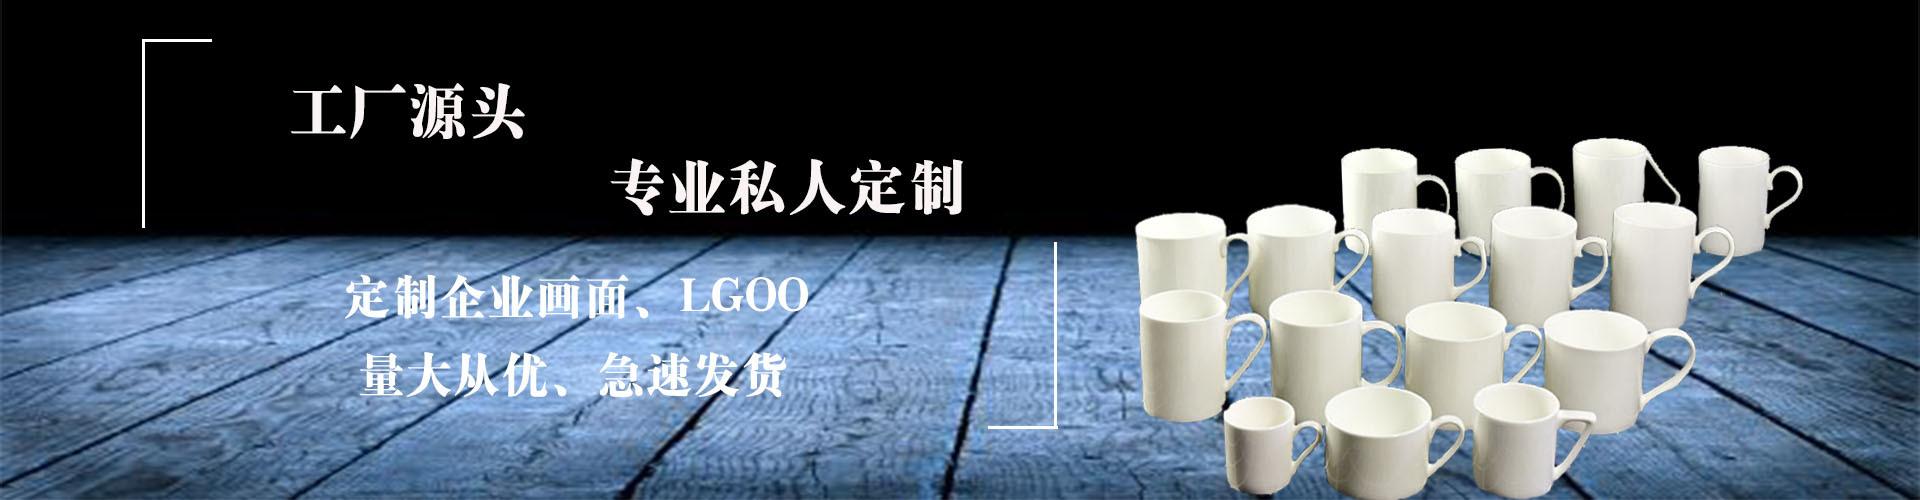 骨瓷广告杯_陶瓷水杯定制